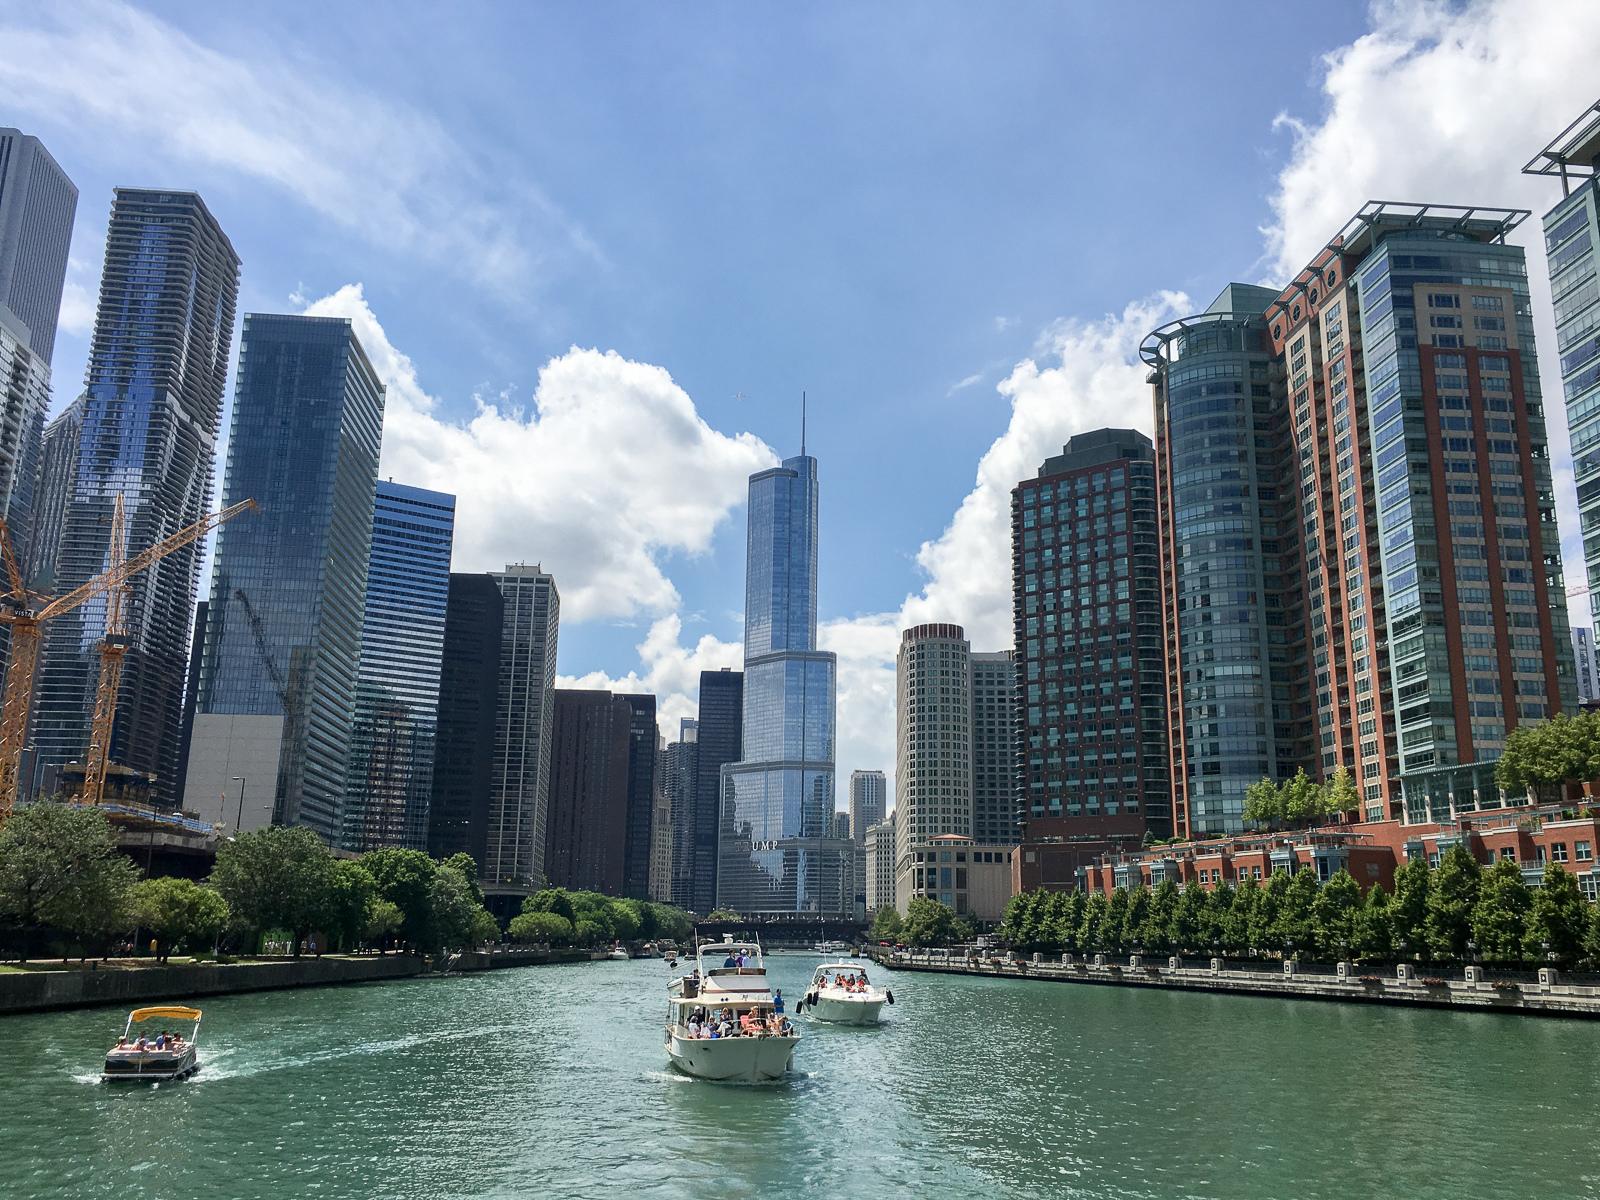 芝加哥千禧公園+建築群遊船+360觀景台+芝加哥藝術博物館一日遊(特惠!市區一日遊)